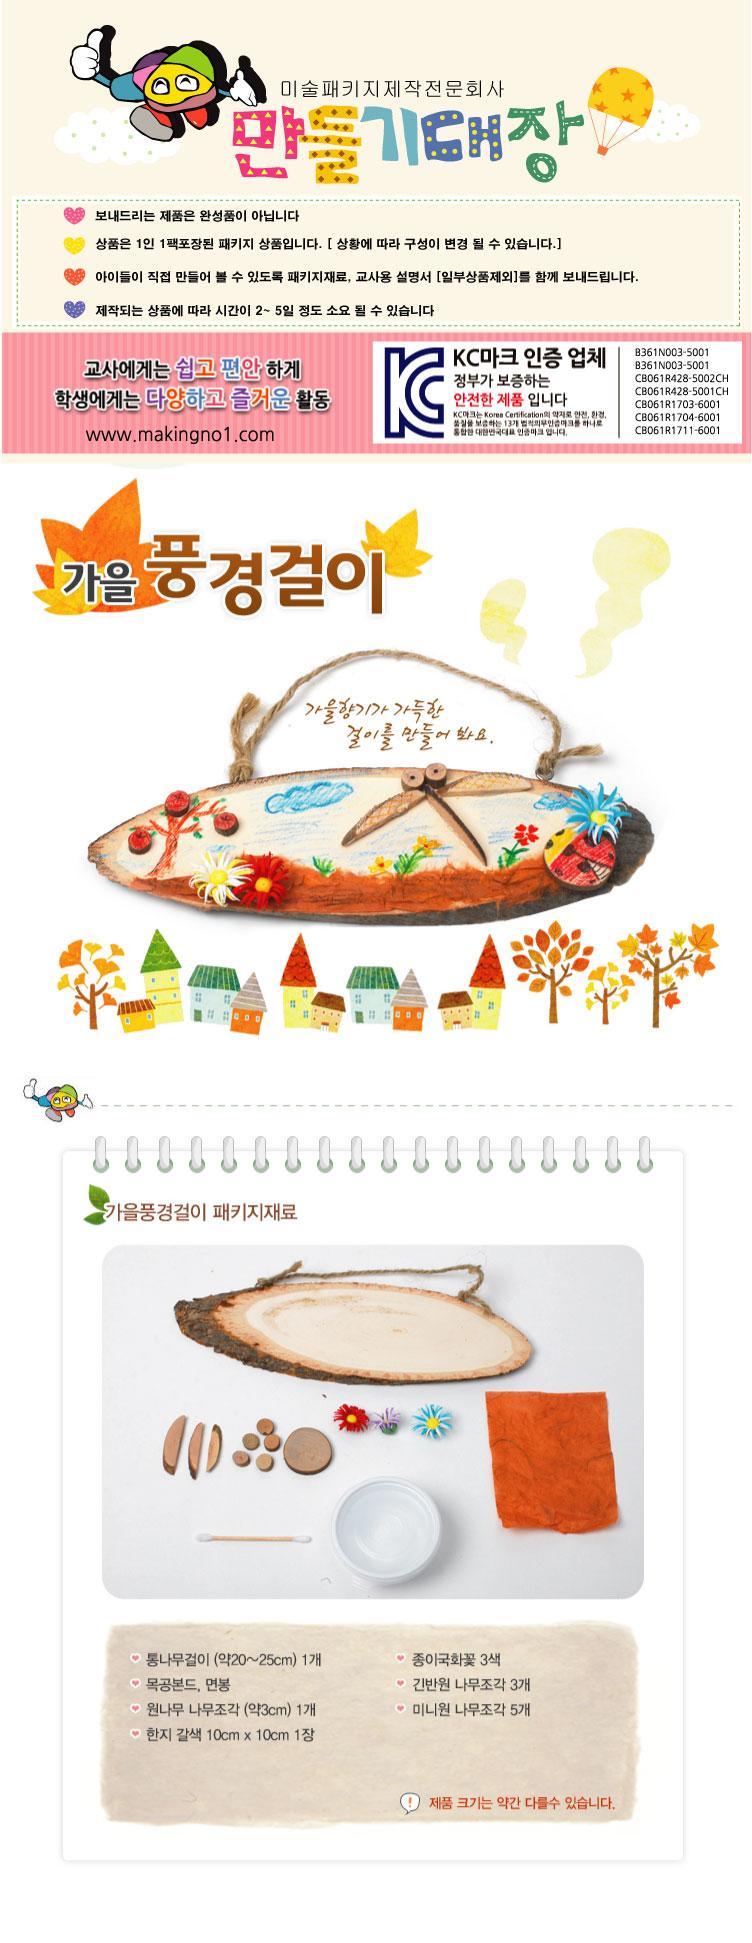 만들기-가을풍경걸이만들기 - 만들기대장, 3,100원, 미술 놀이, 미술놀이 소품